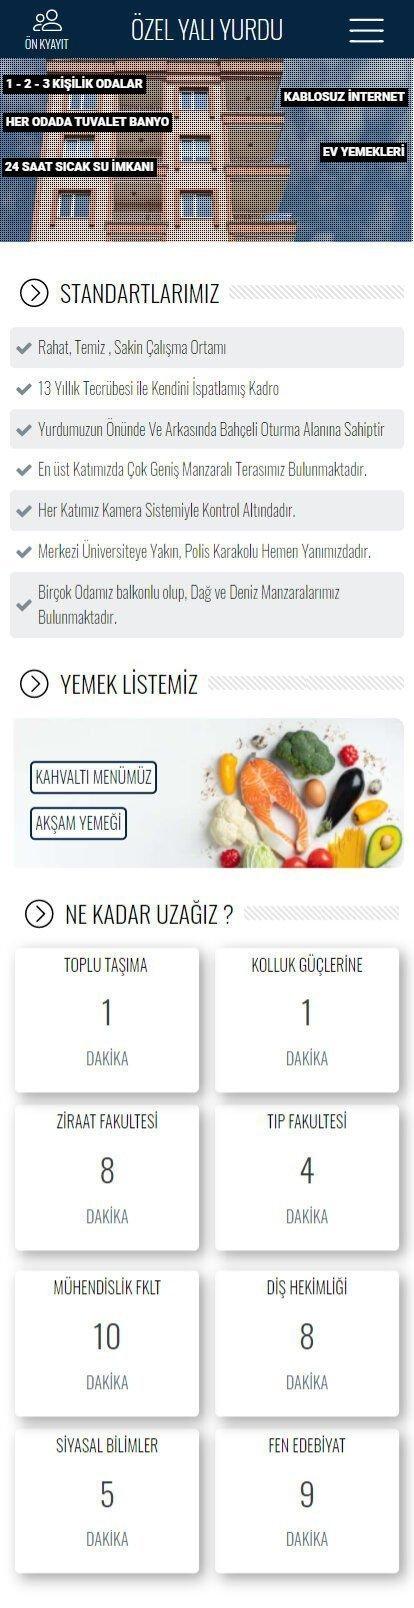 yali-yurt-referans-m